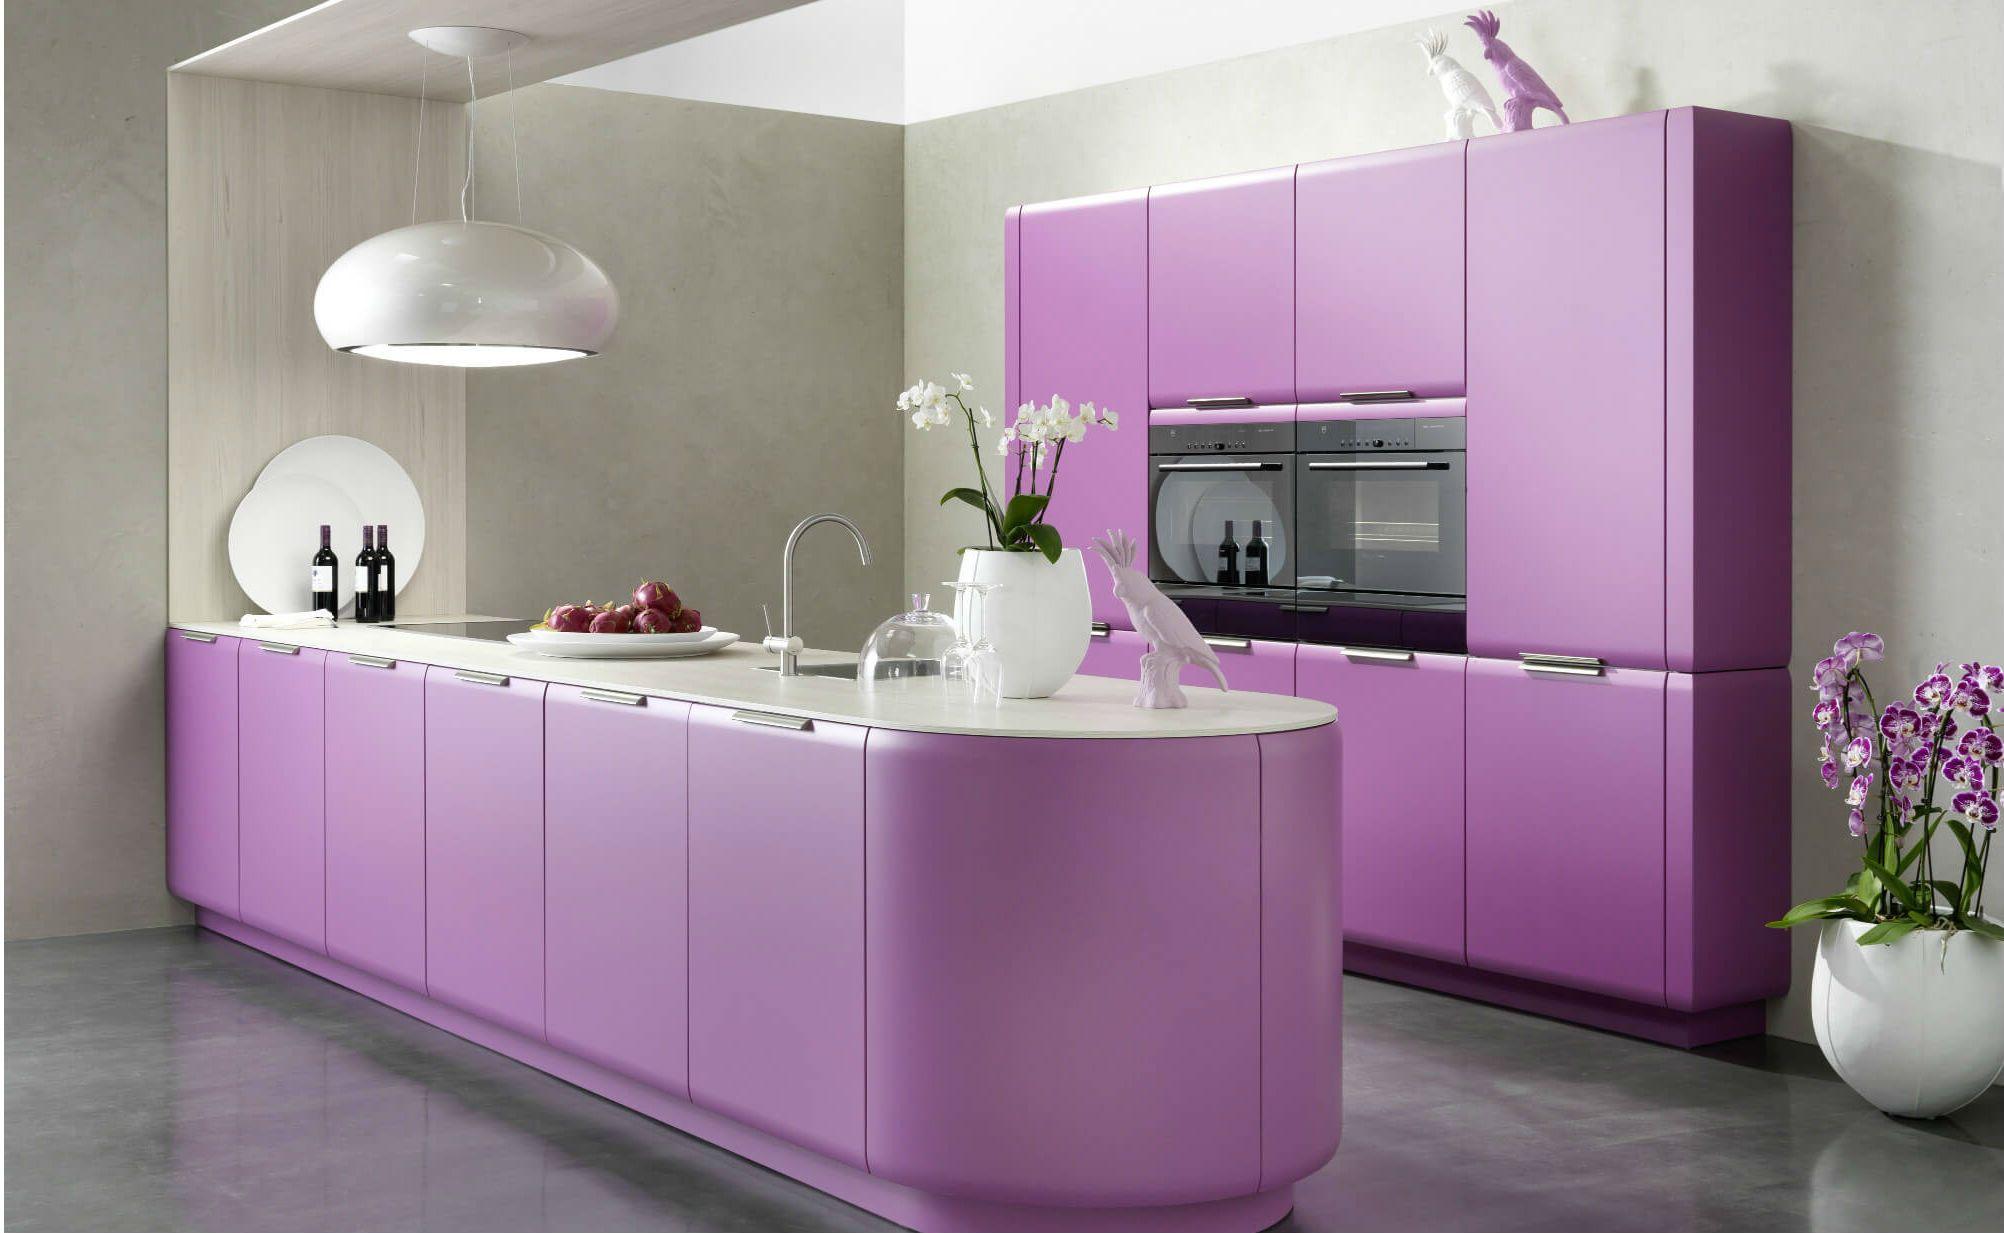 Farbgestaltung der Küche: Bilder und Ideen für farbige Küchen